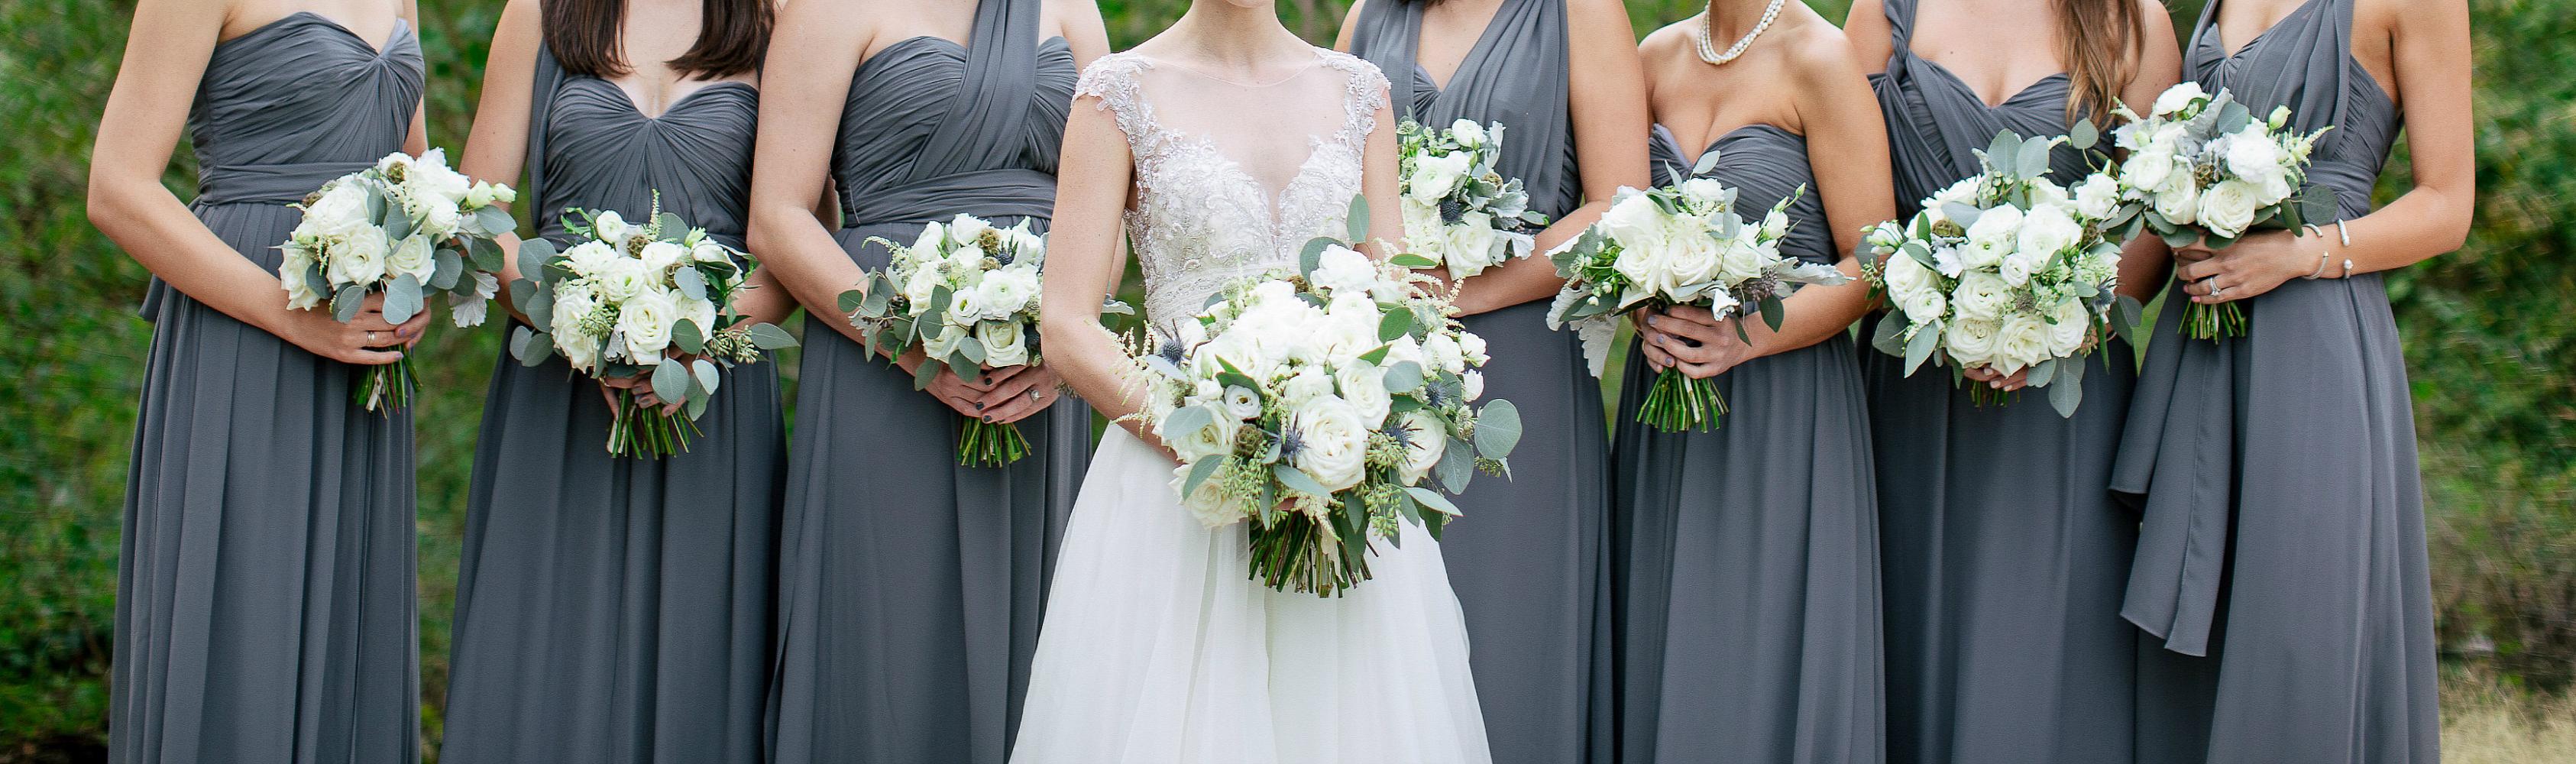 slate-bridesmaid-dresses